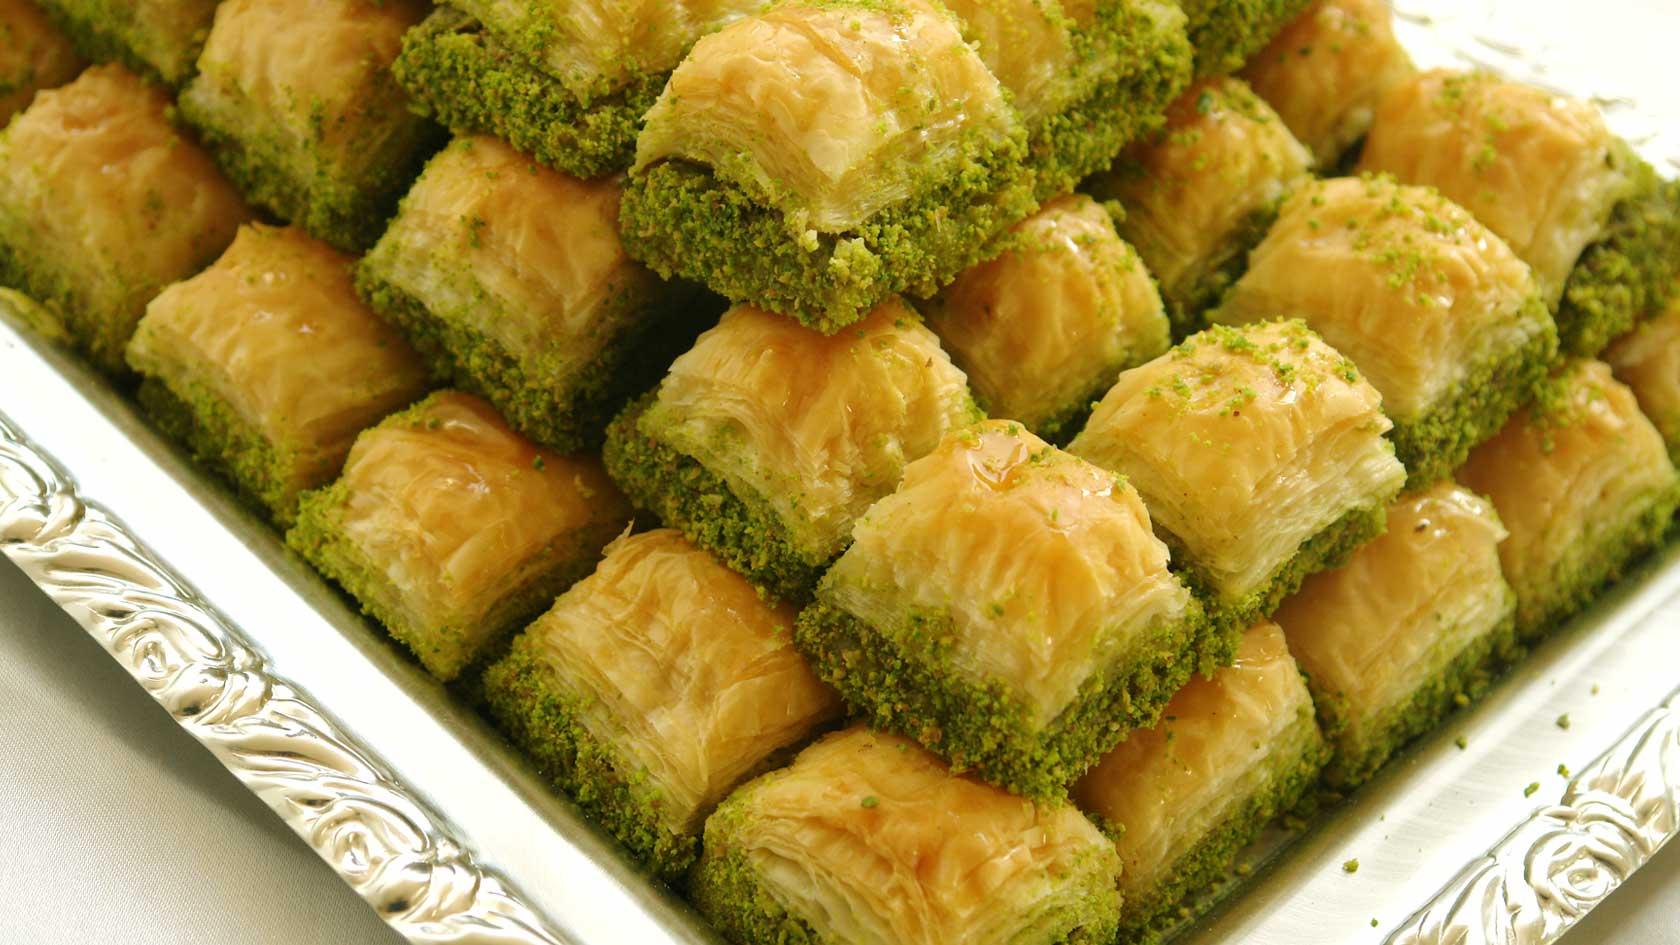 بالصور حلويات شرقية , اجمل صور للحلويات الشرقية 3813 11